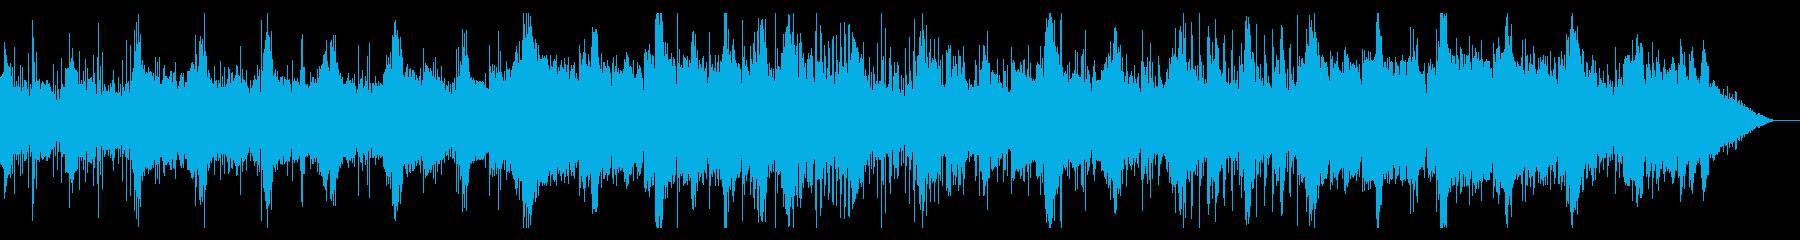 静かに忍び寄るIDMの再生済みの波形